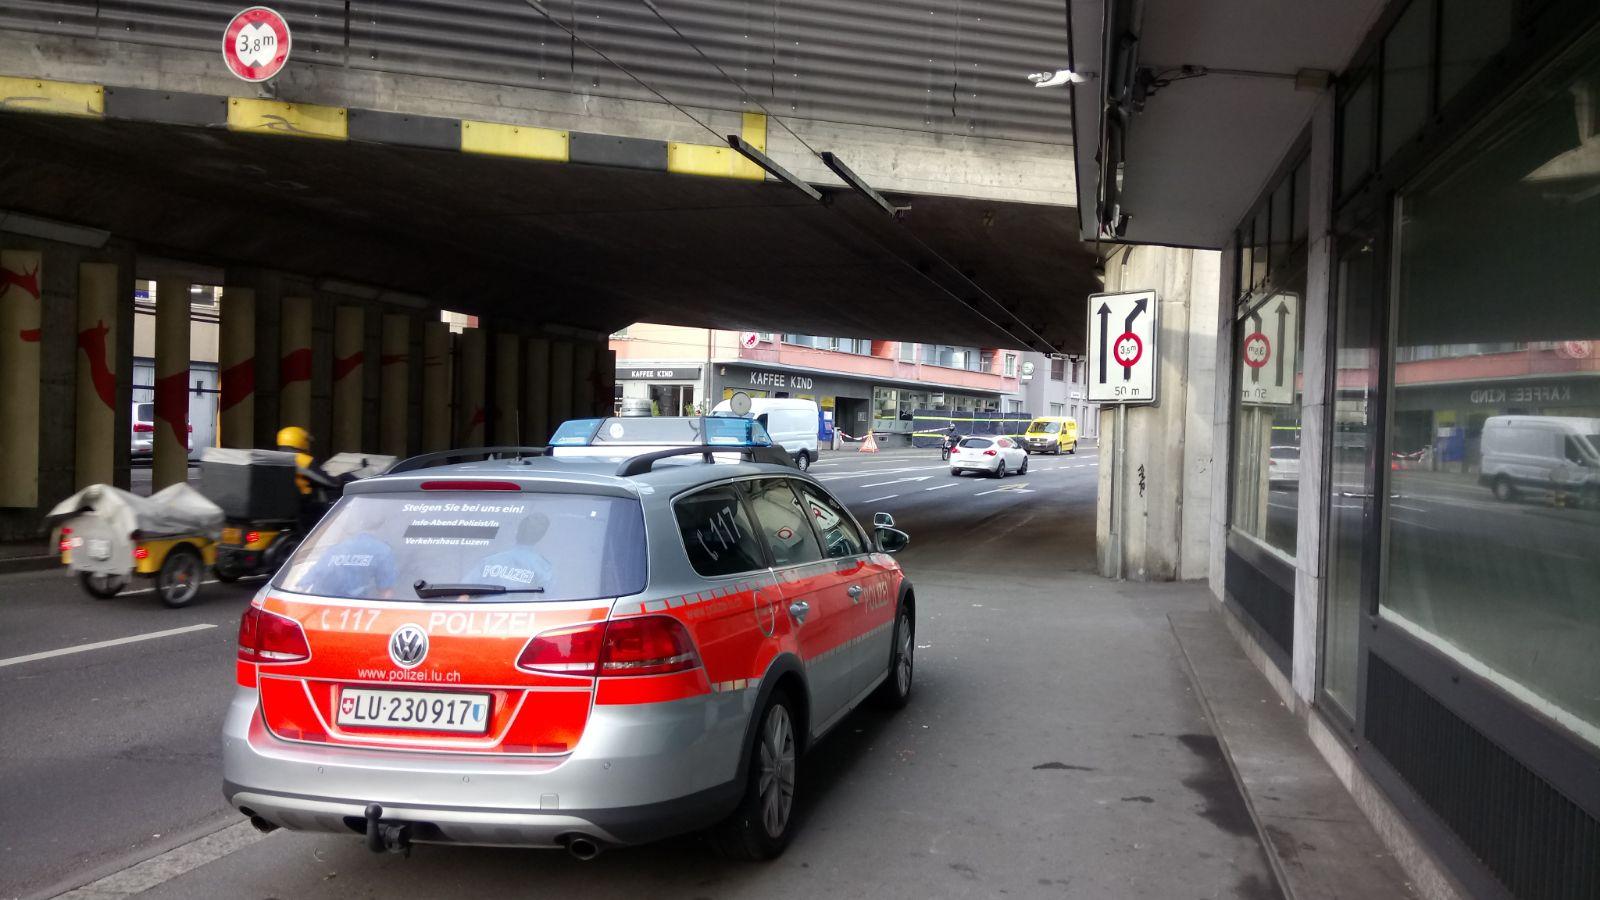 Stunden nach der tödlichen Auseinandersetzung ist die Polizei noch immer vor Ort.